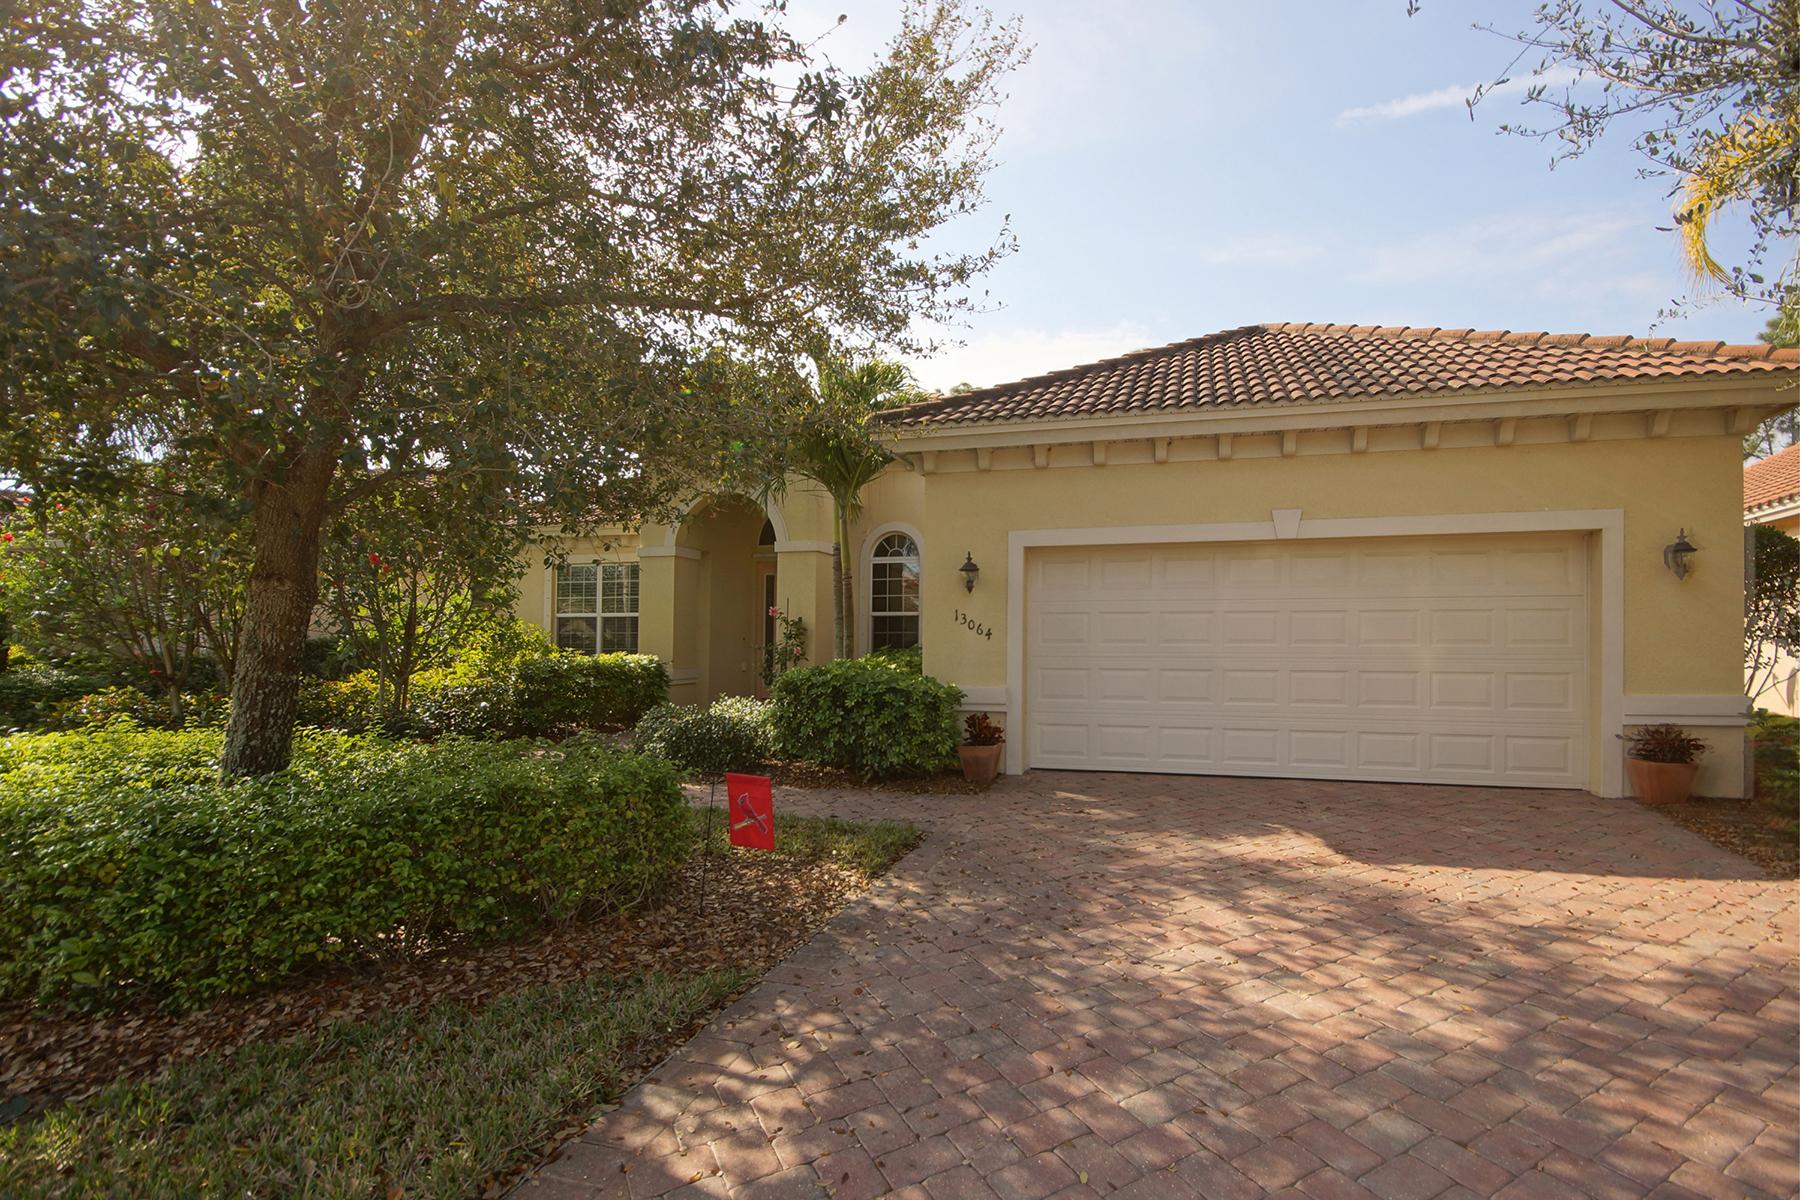 Maison unifamiliale pour l Vente à SOMERSET - THE PLANTATION 13064 Milford Pl Fort Myers, Florida 33913 États-Unis